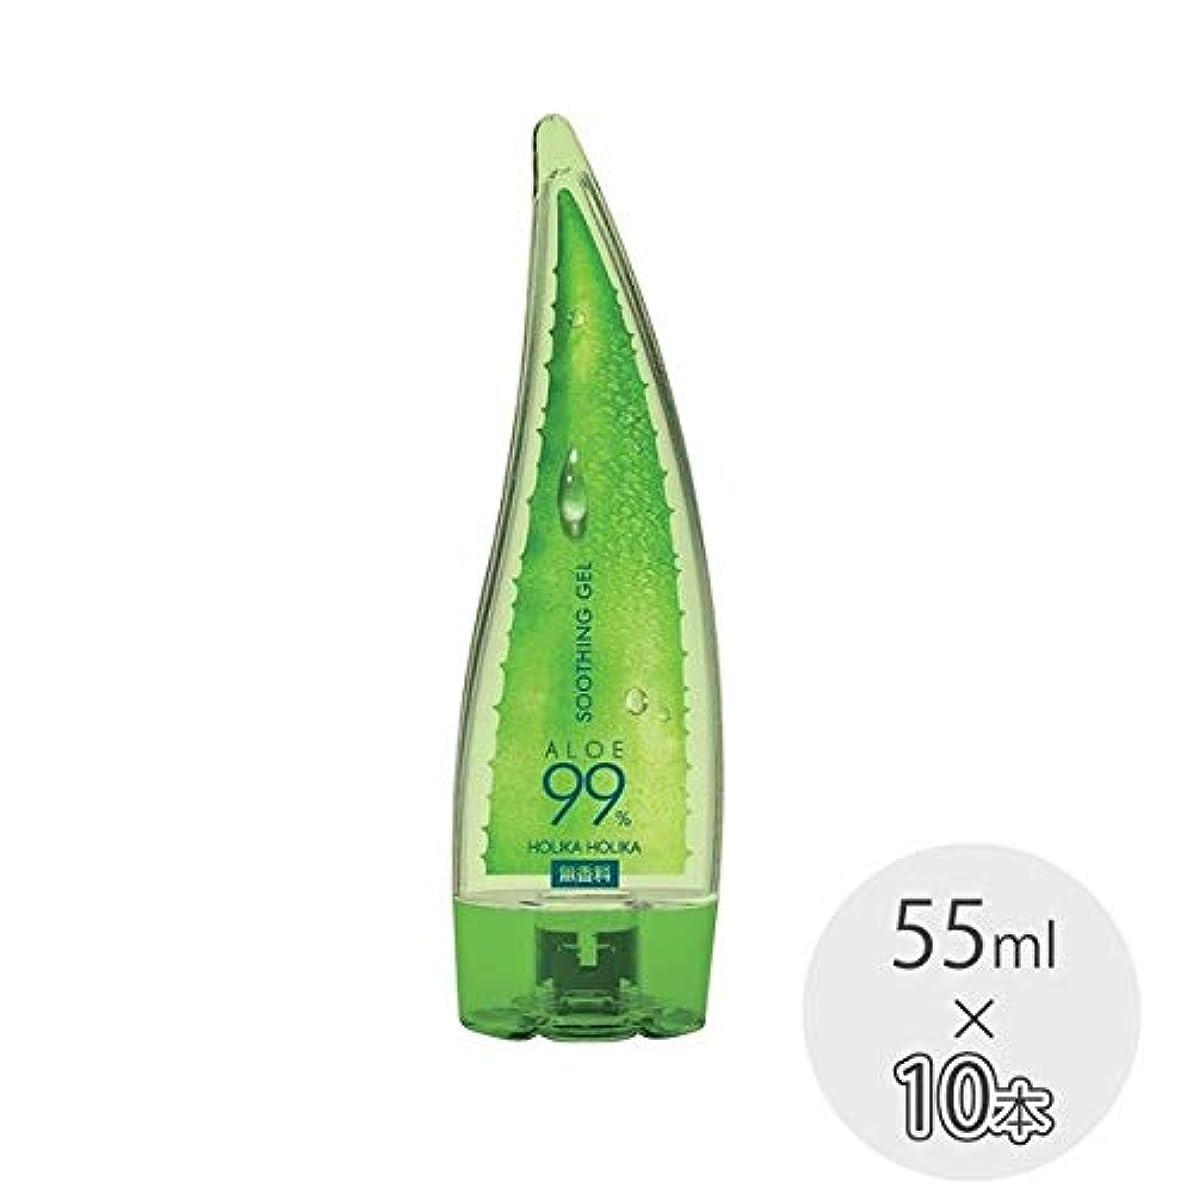 二年生安定しましたアテンダントHOLIKAHOLIKA ホリカホリカ アロエ99% スージングジェル 無香タイプ 55ml 10本セット (アロエベラ液汁99%配合 無香タイプ)